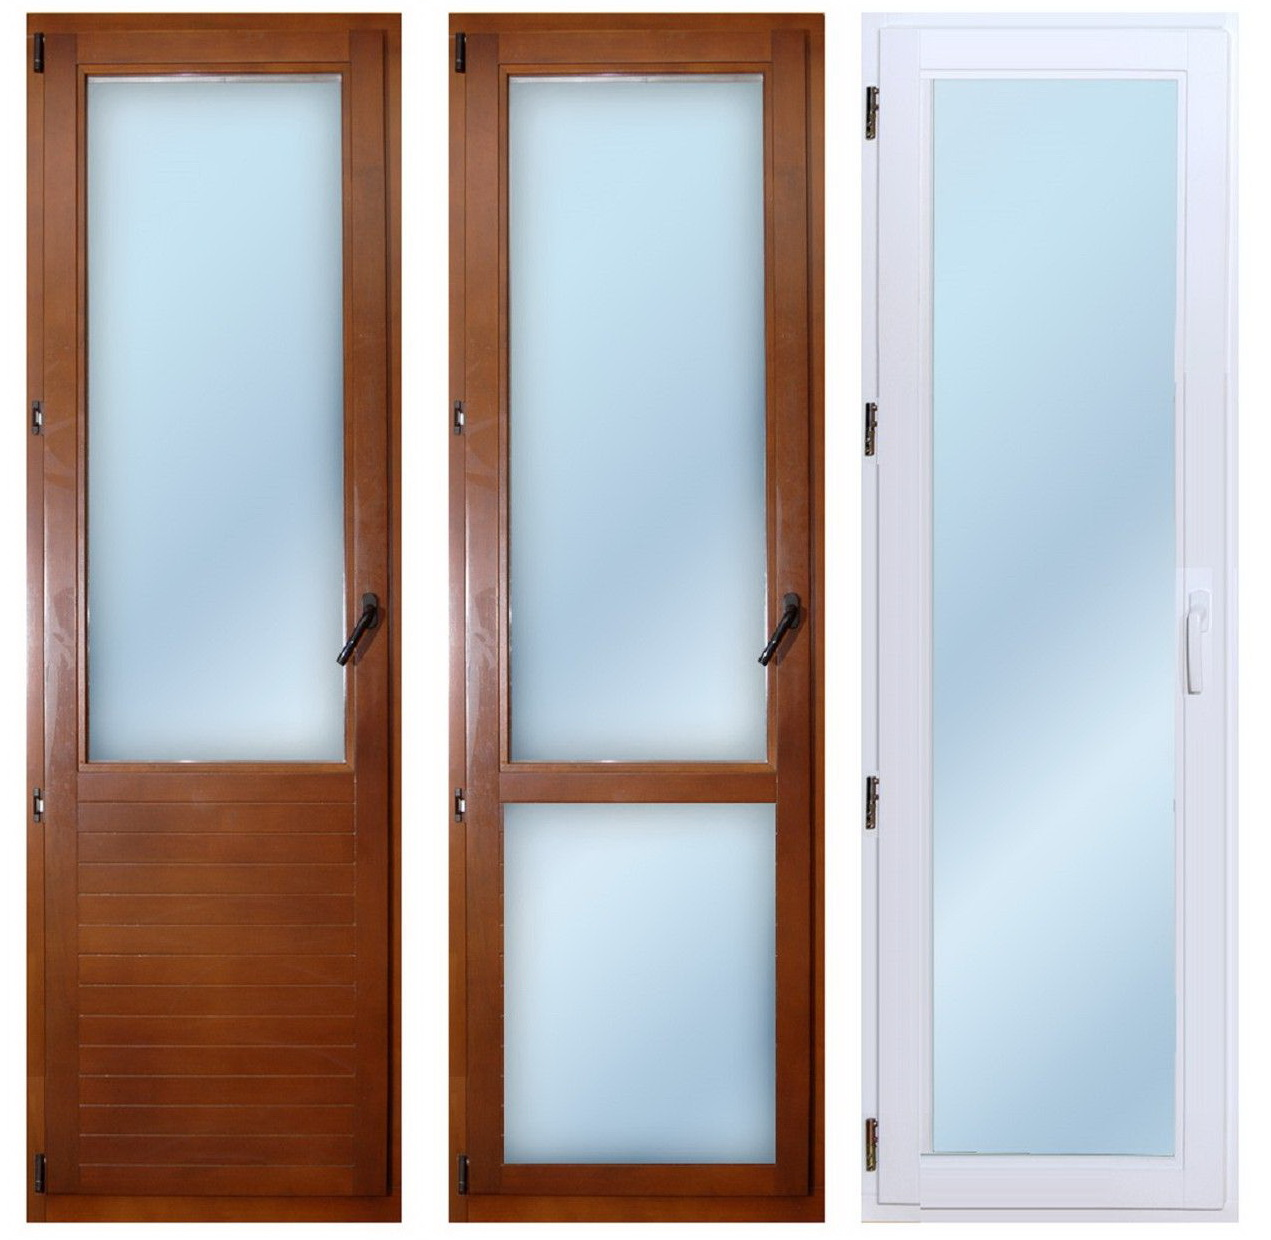 три основных типа балконных и межкомнатных дверей